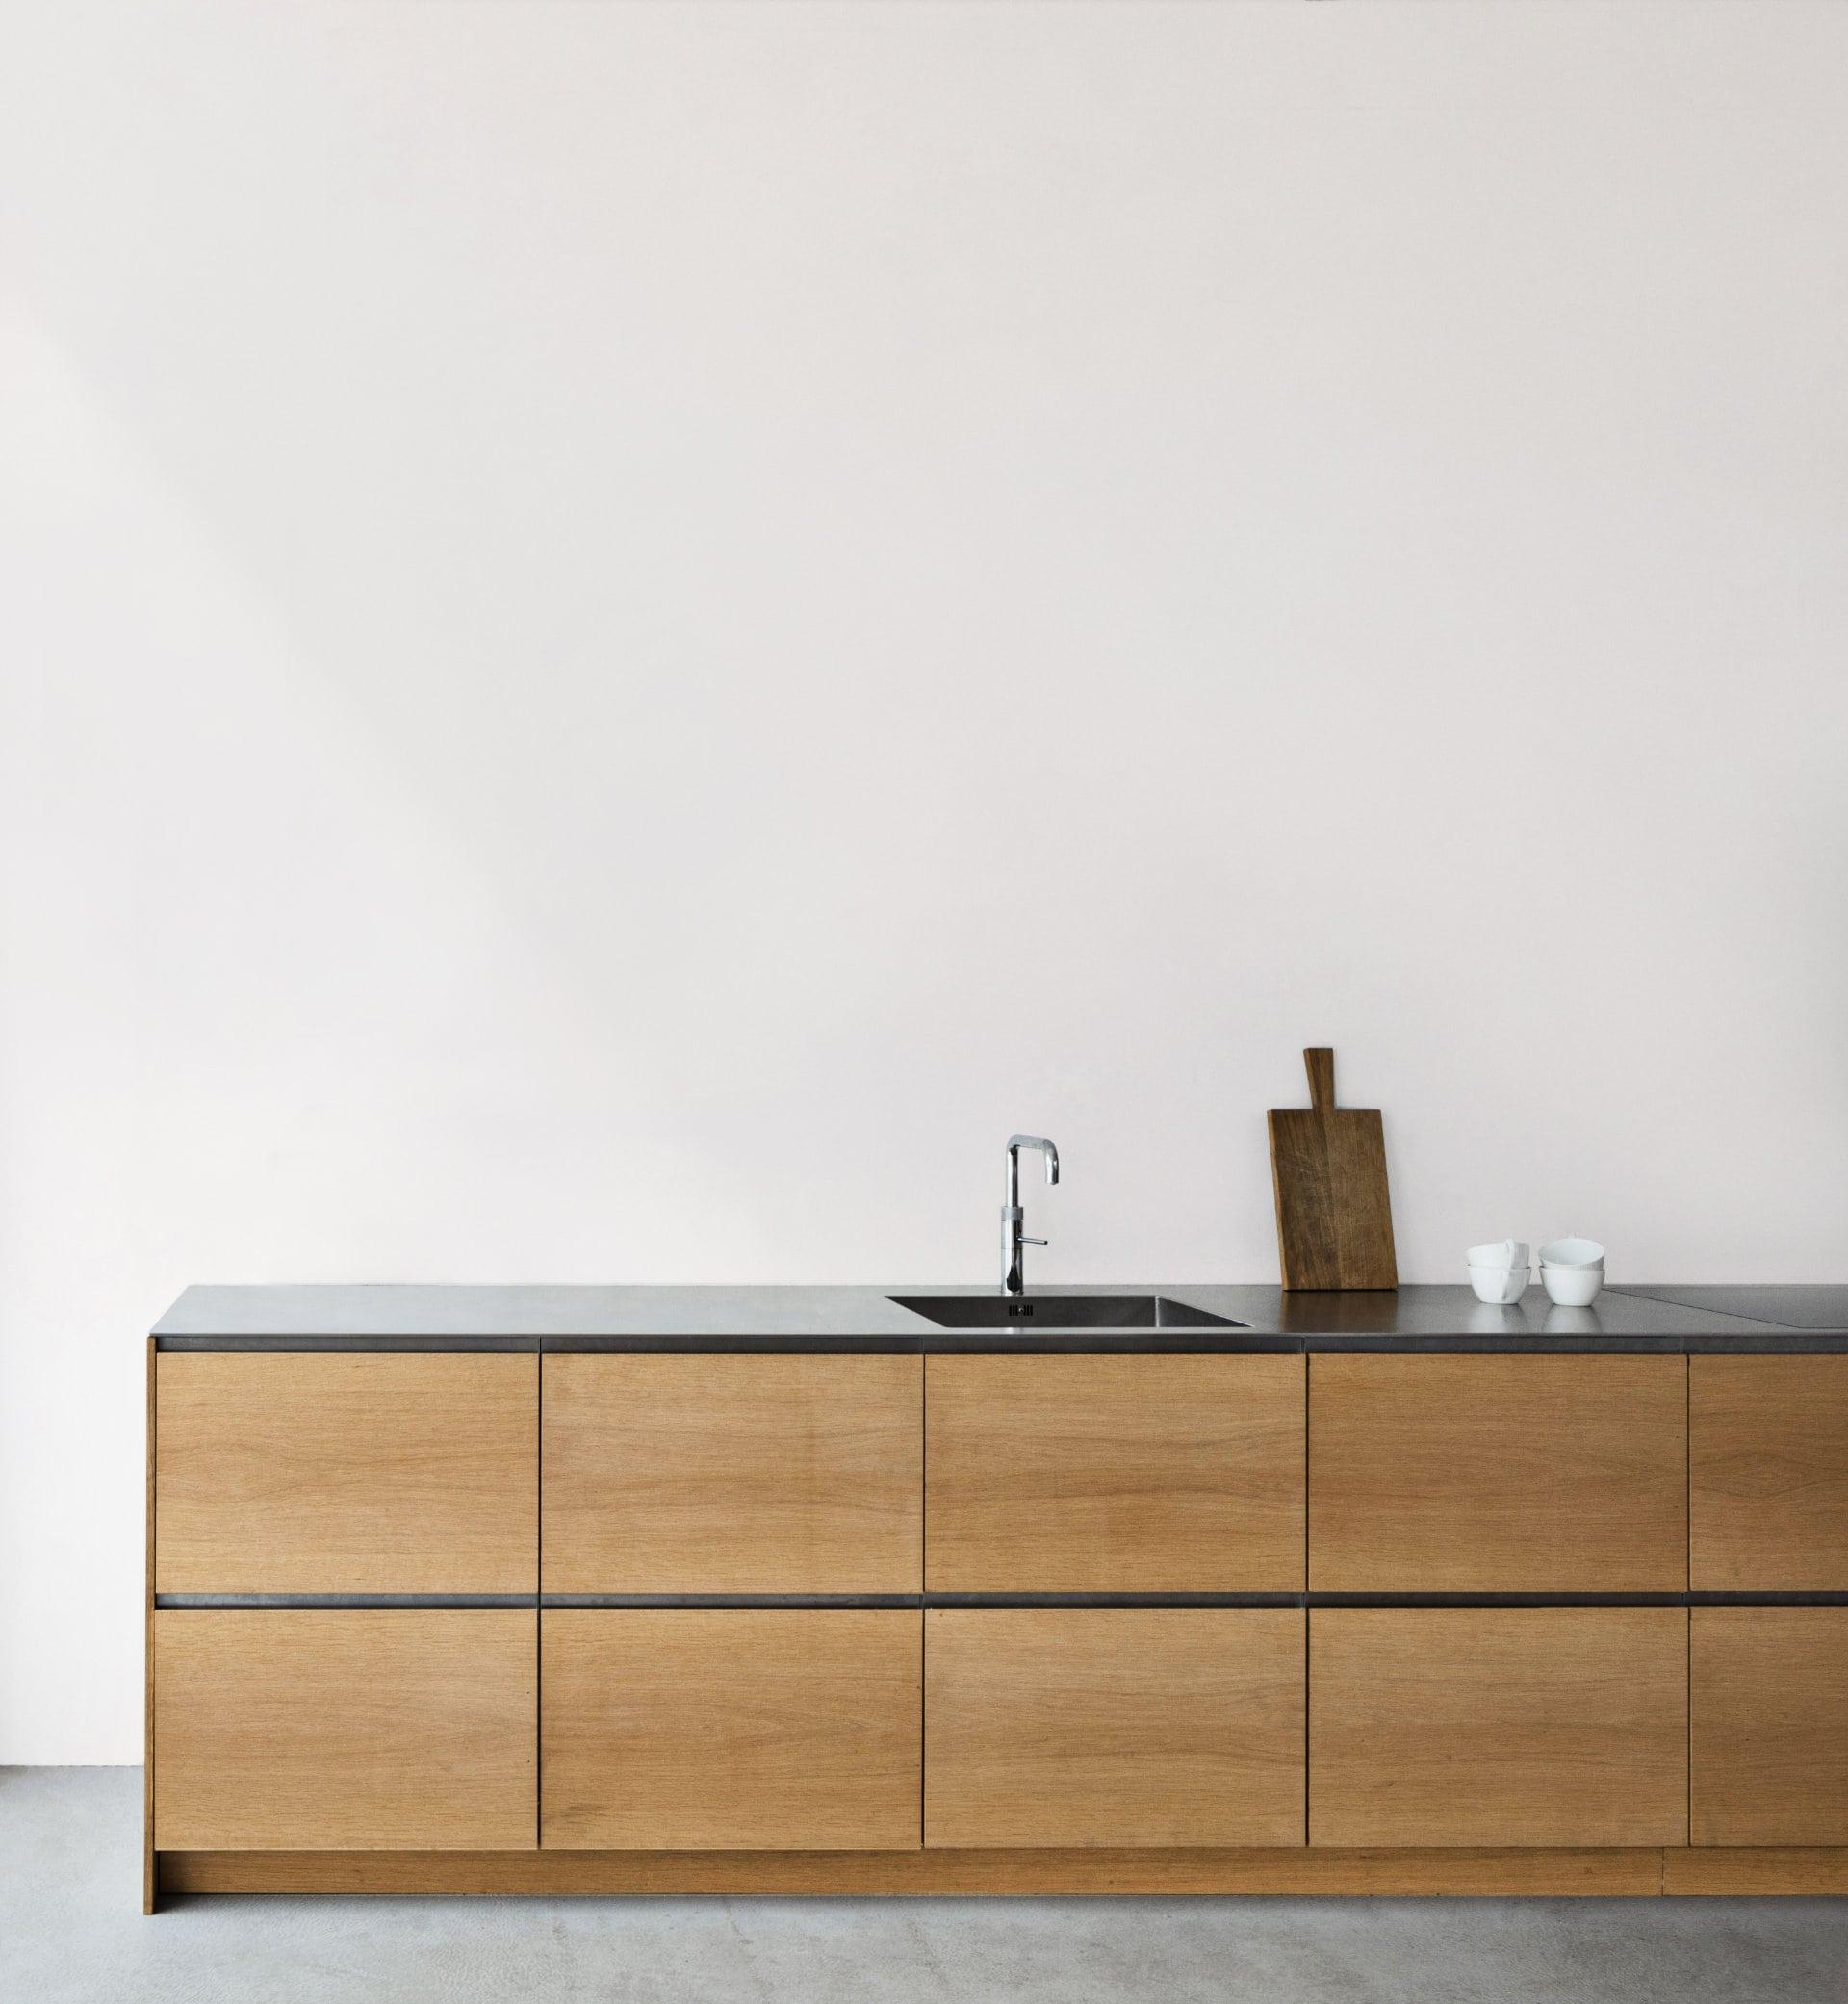 18 arki-snedkerfronter-stål-greb-stål-bordplade SK3